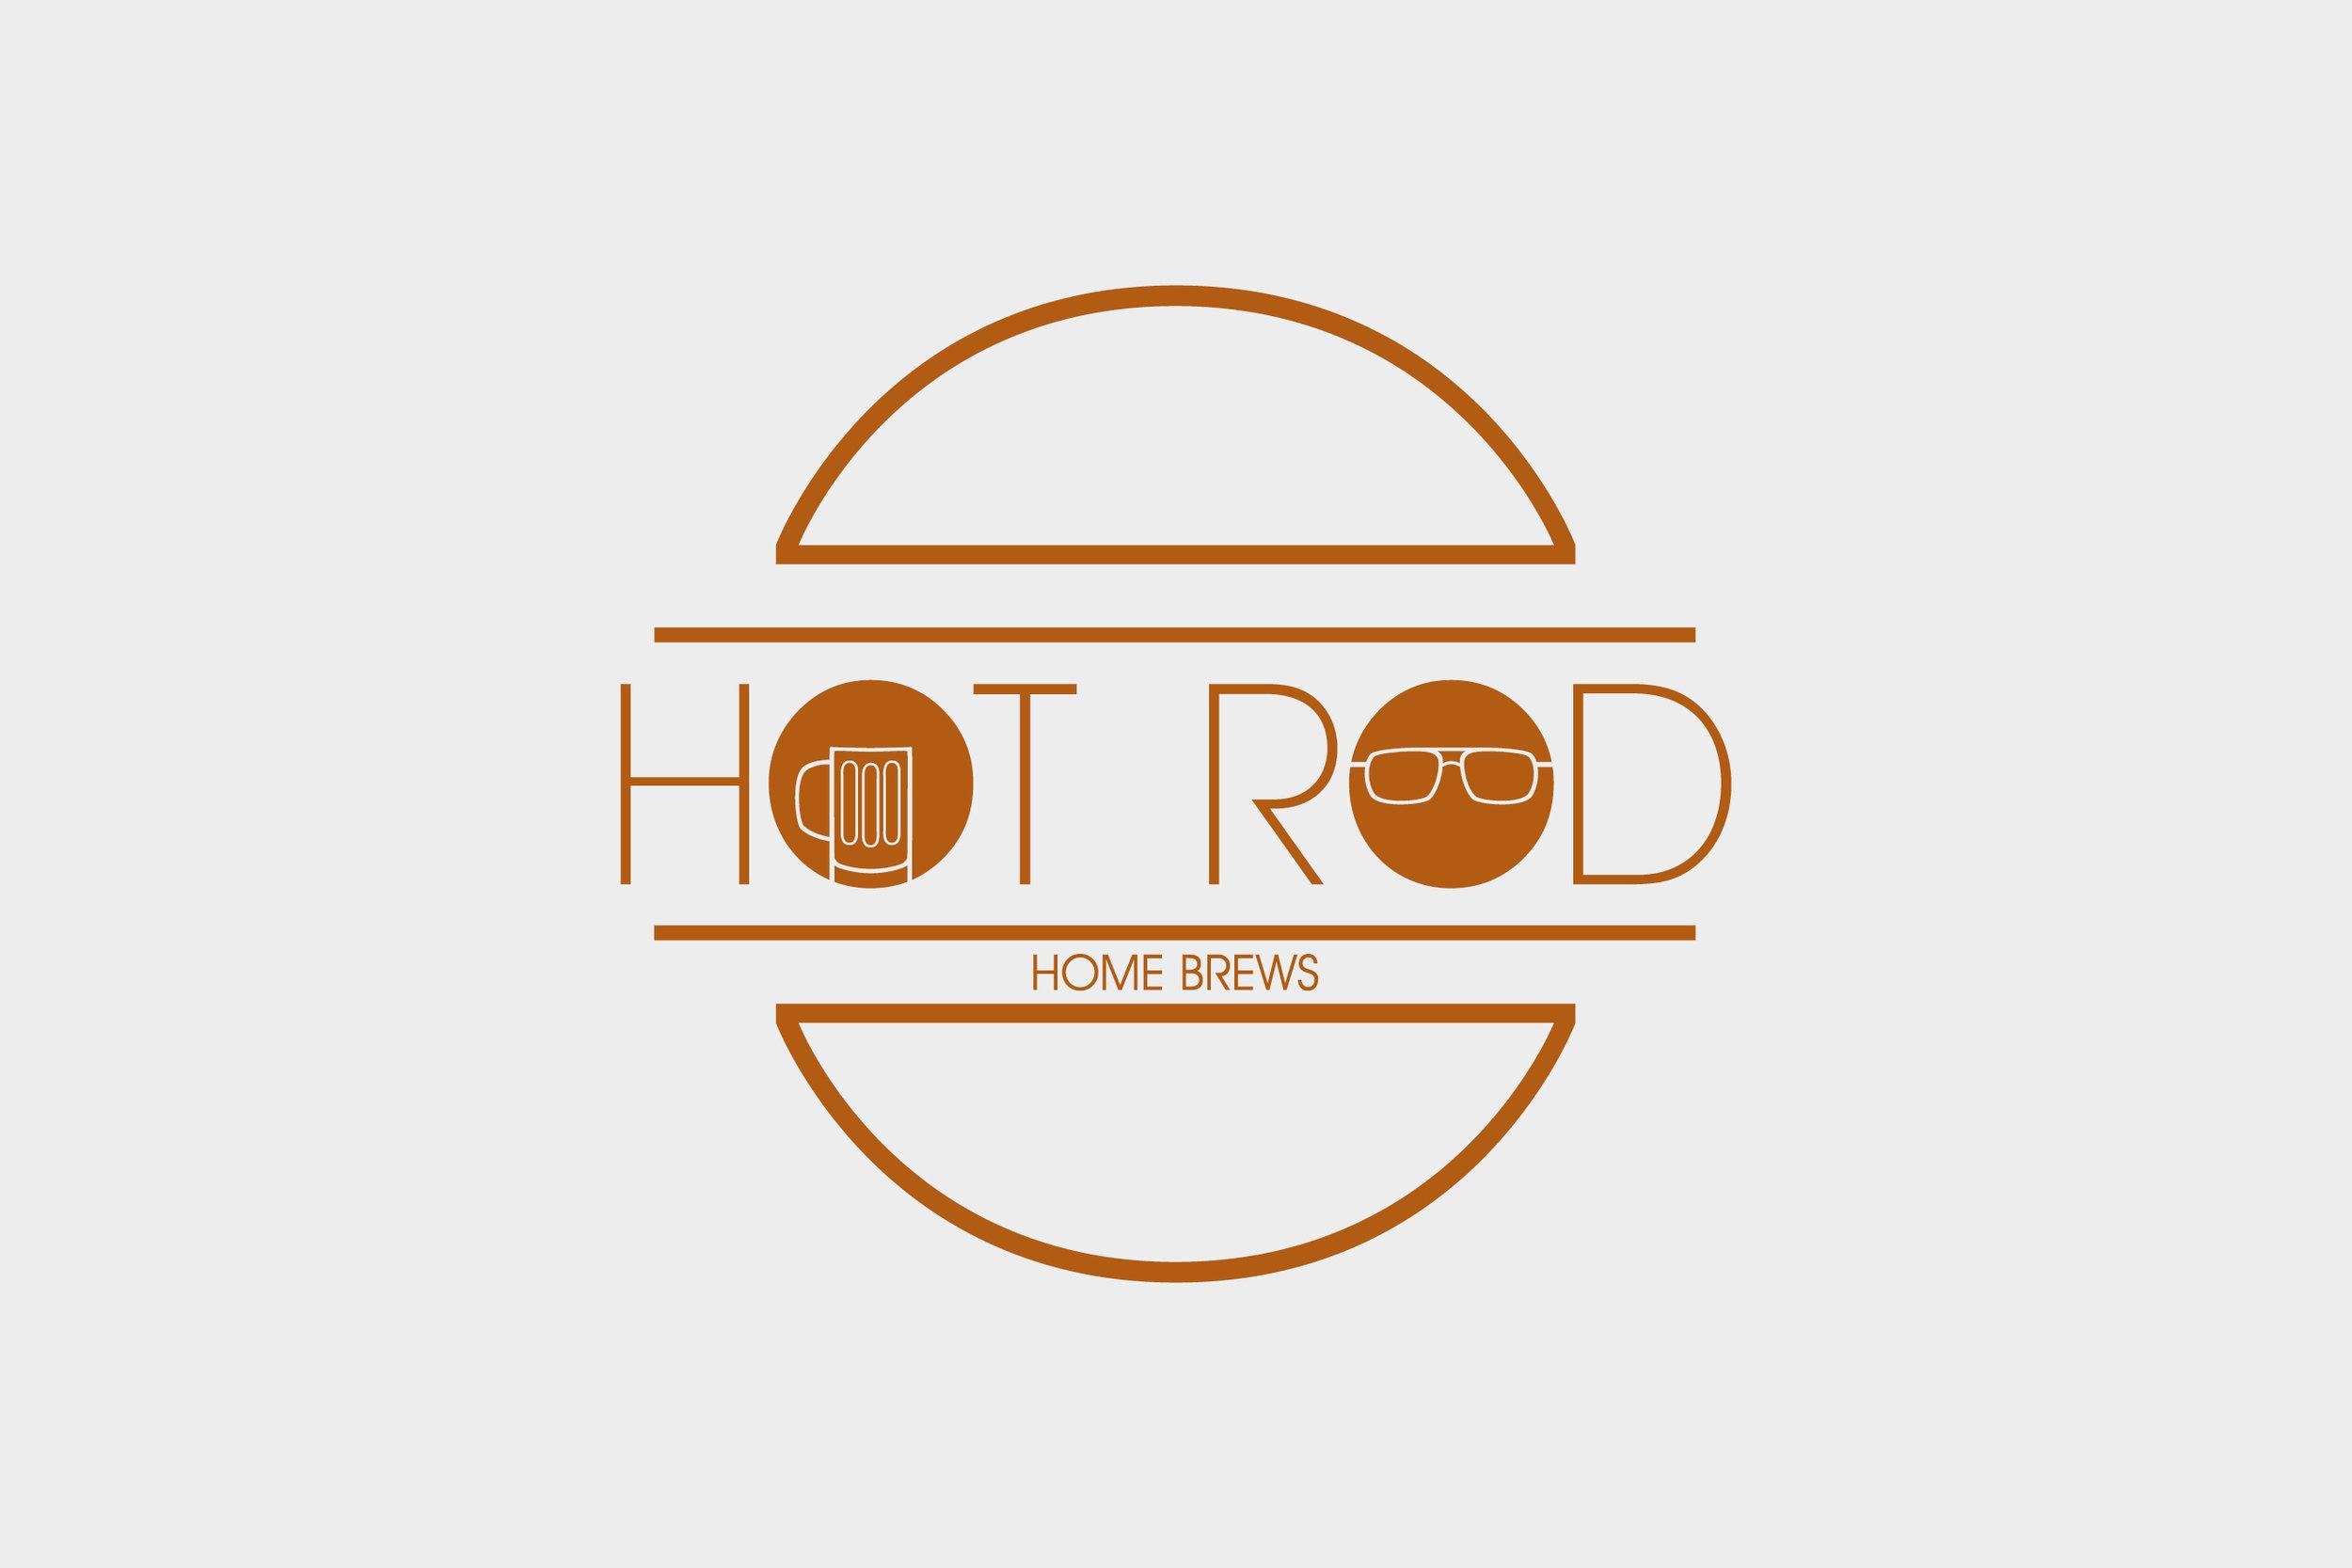 Hod Rod Branding  Hot Rod